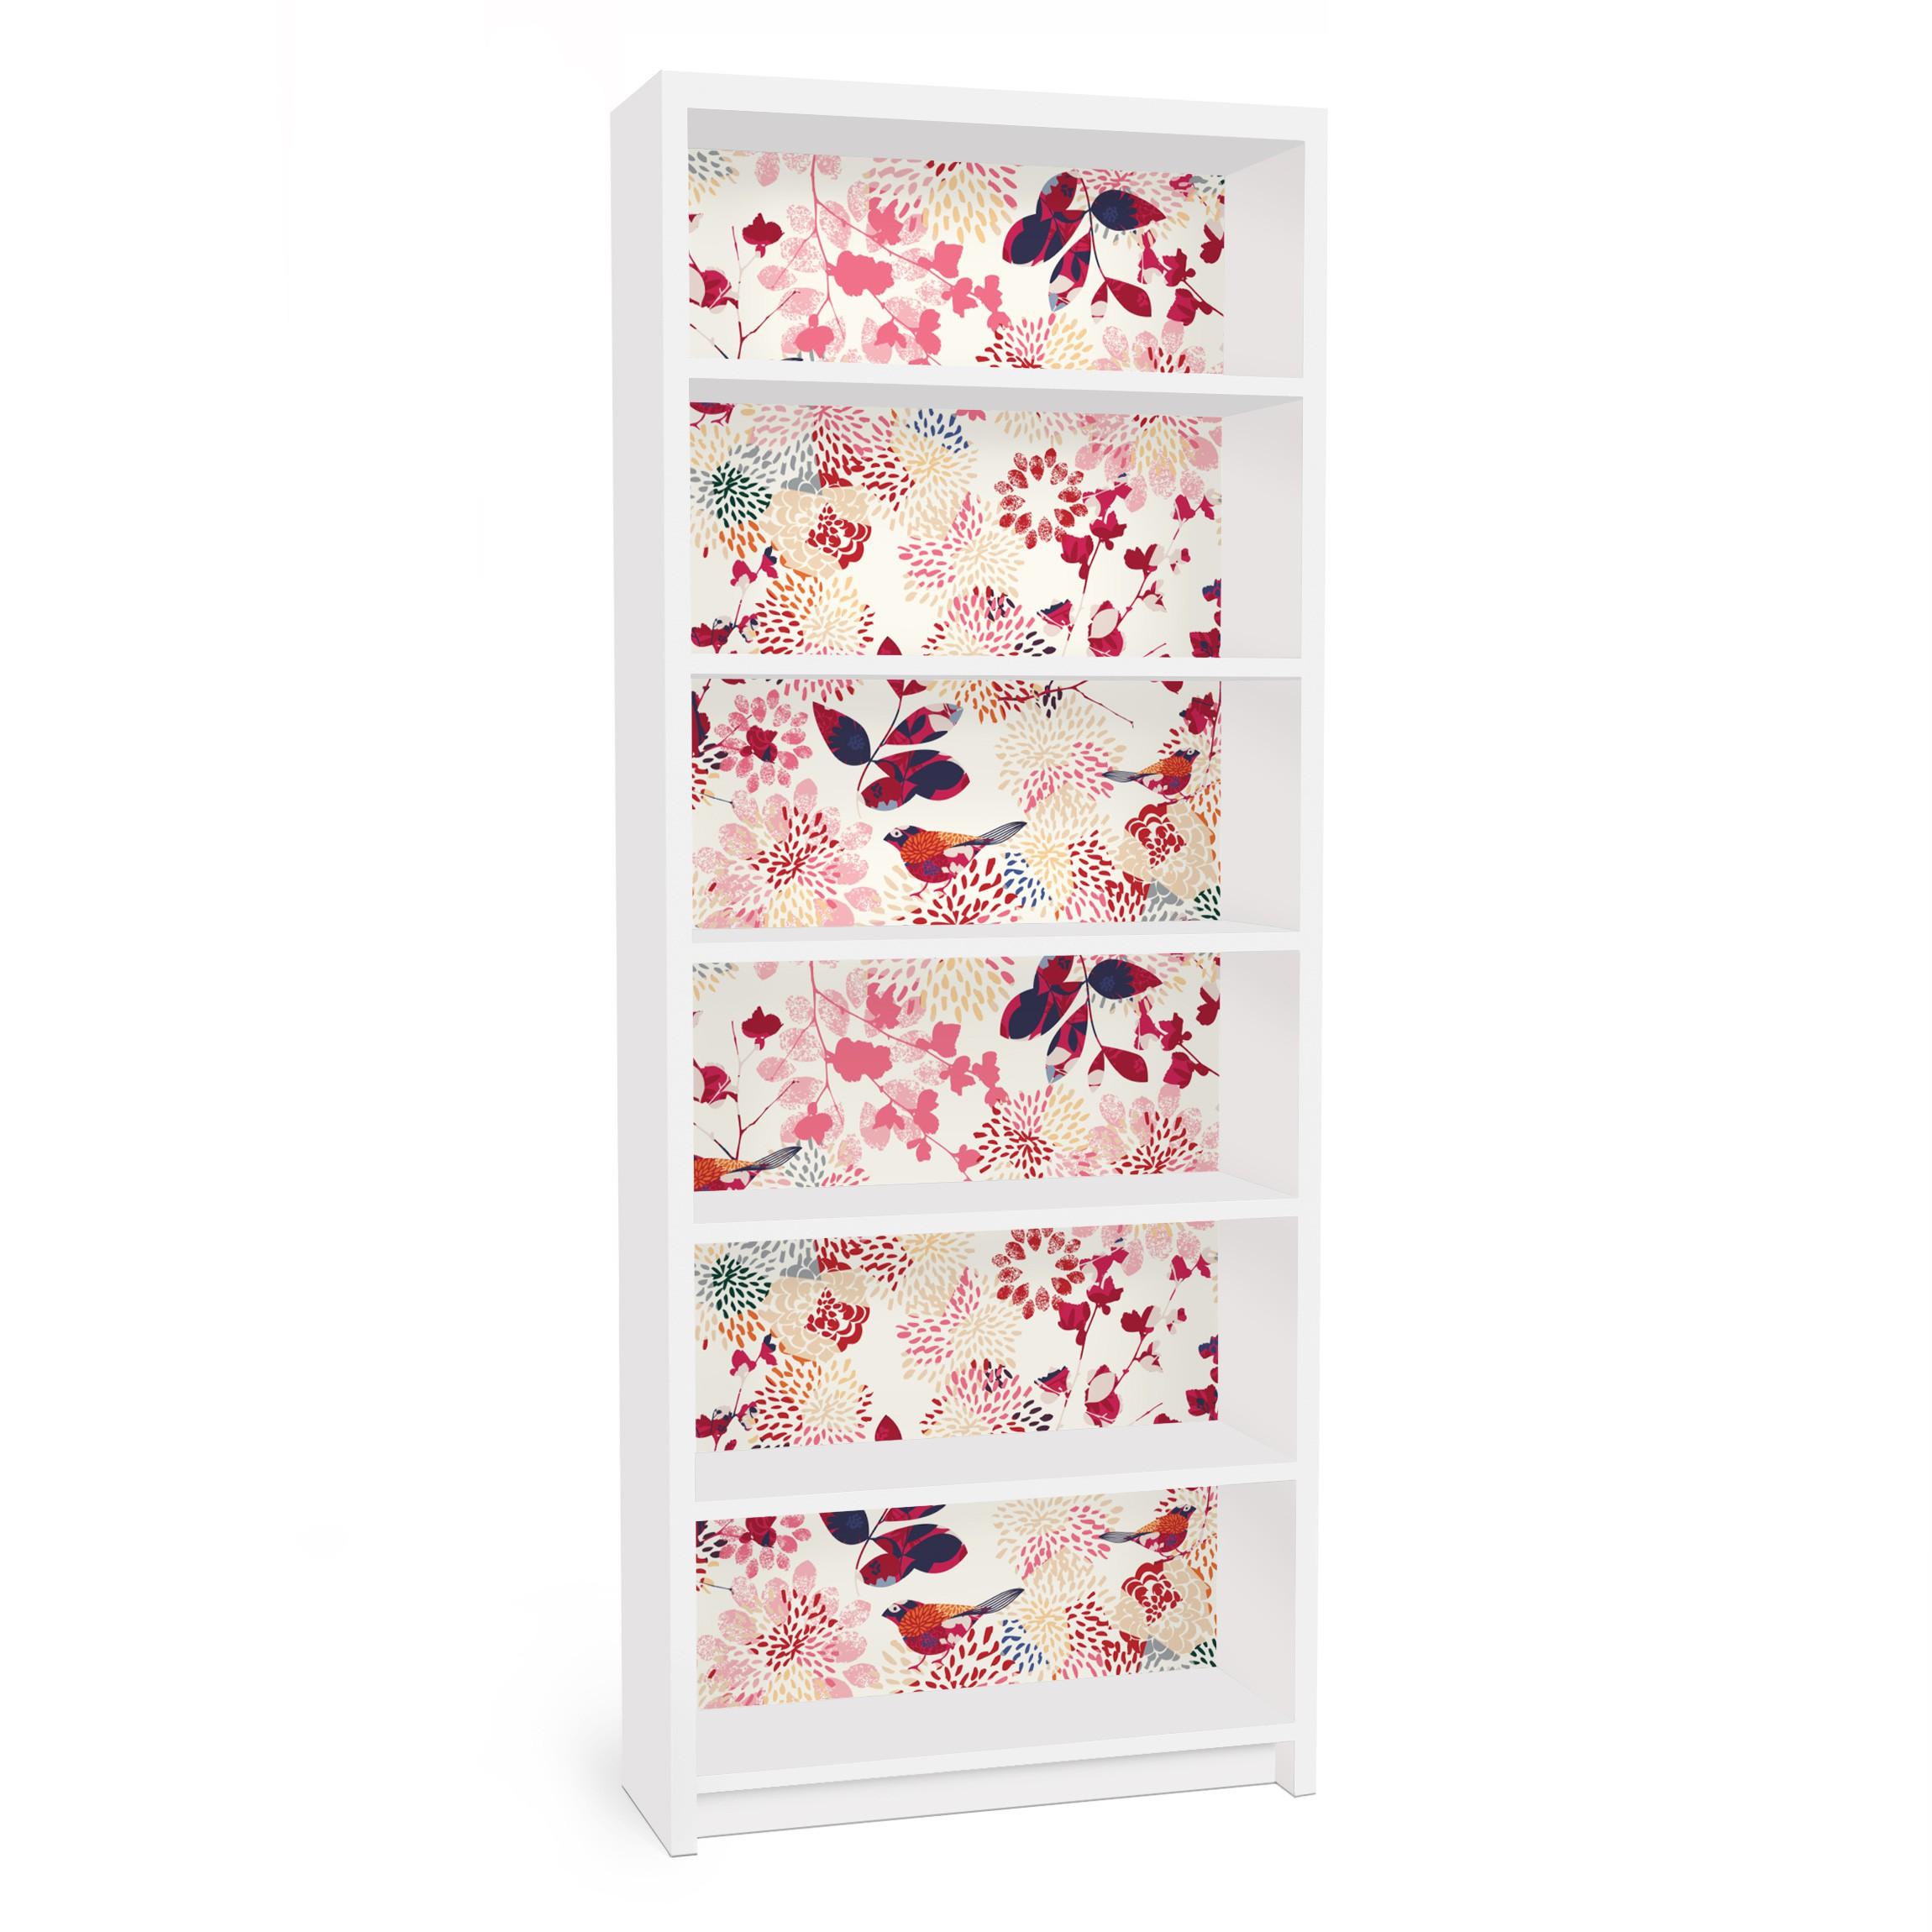 Carta adesiva per mobili ikea billy libreria fancy birds - Carta per coprire mobili ...